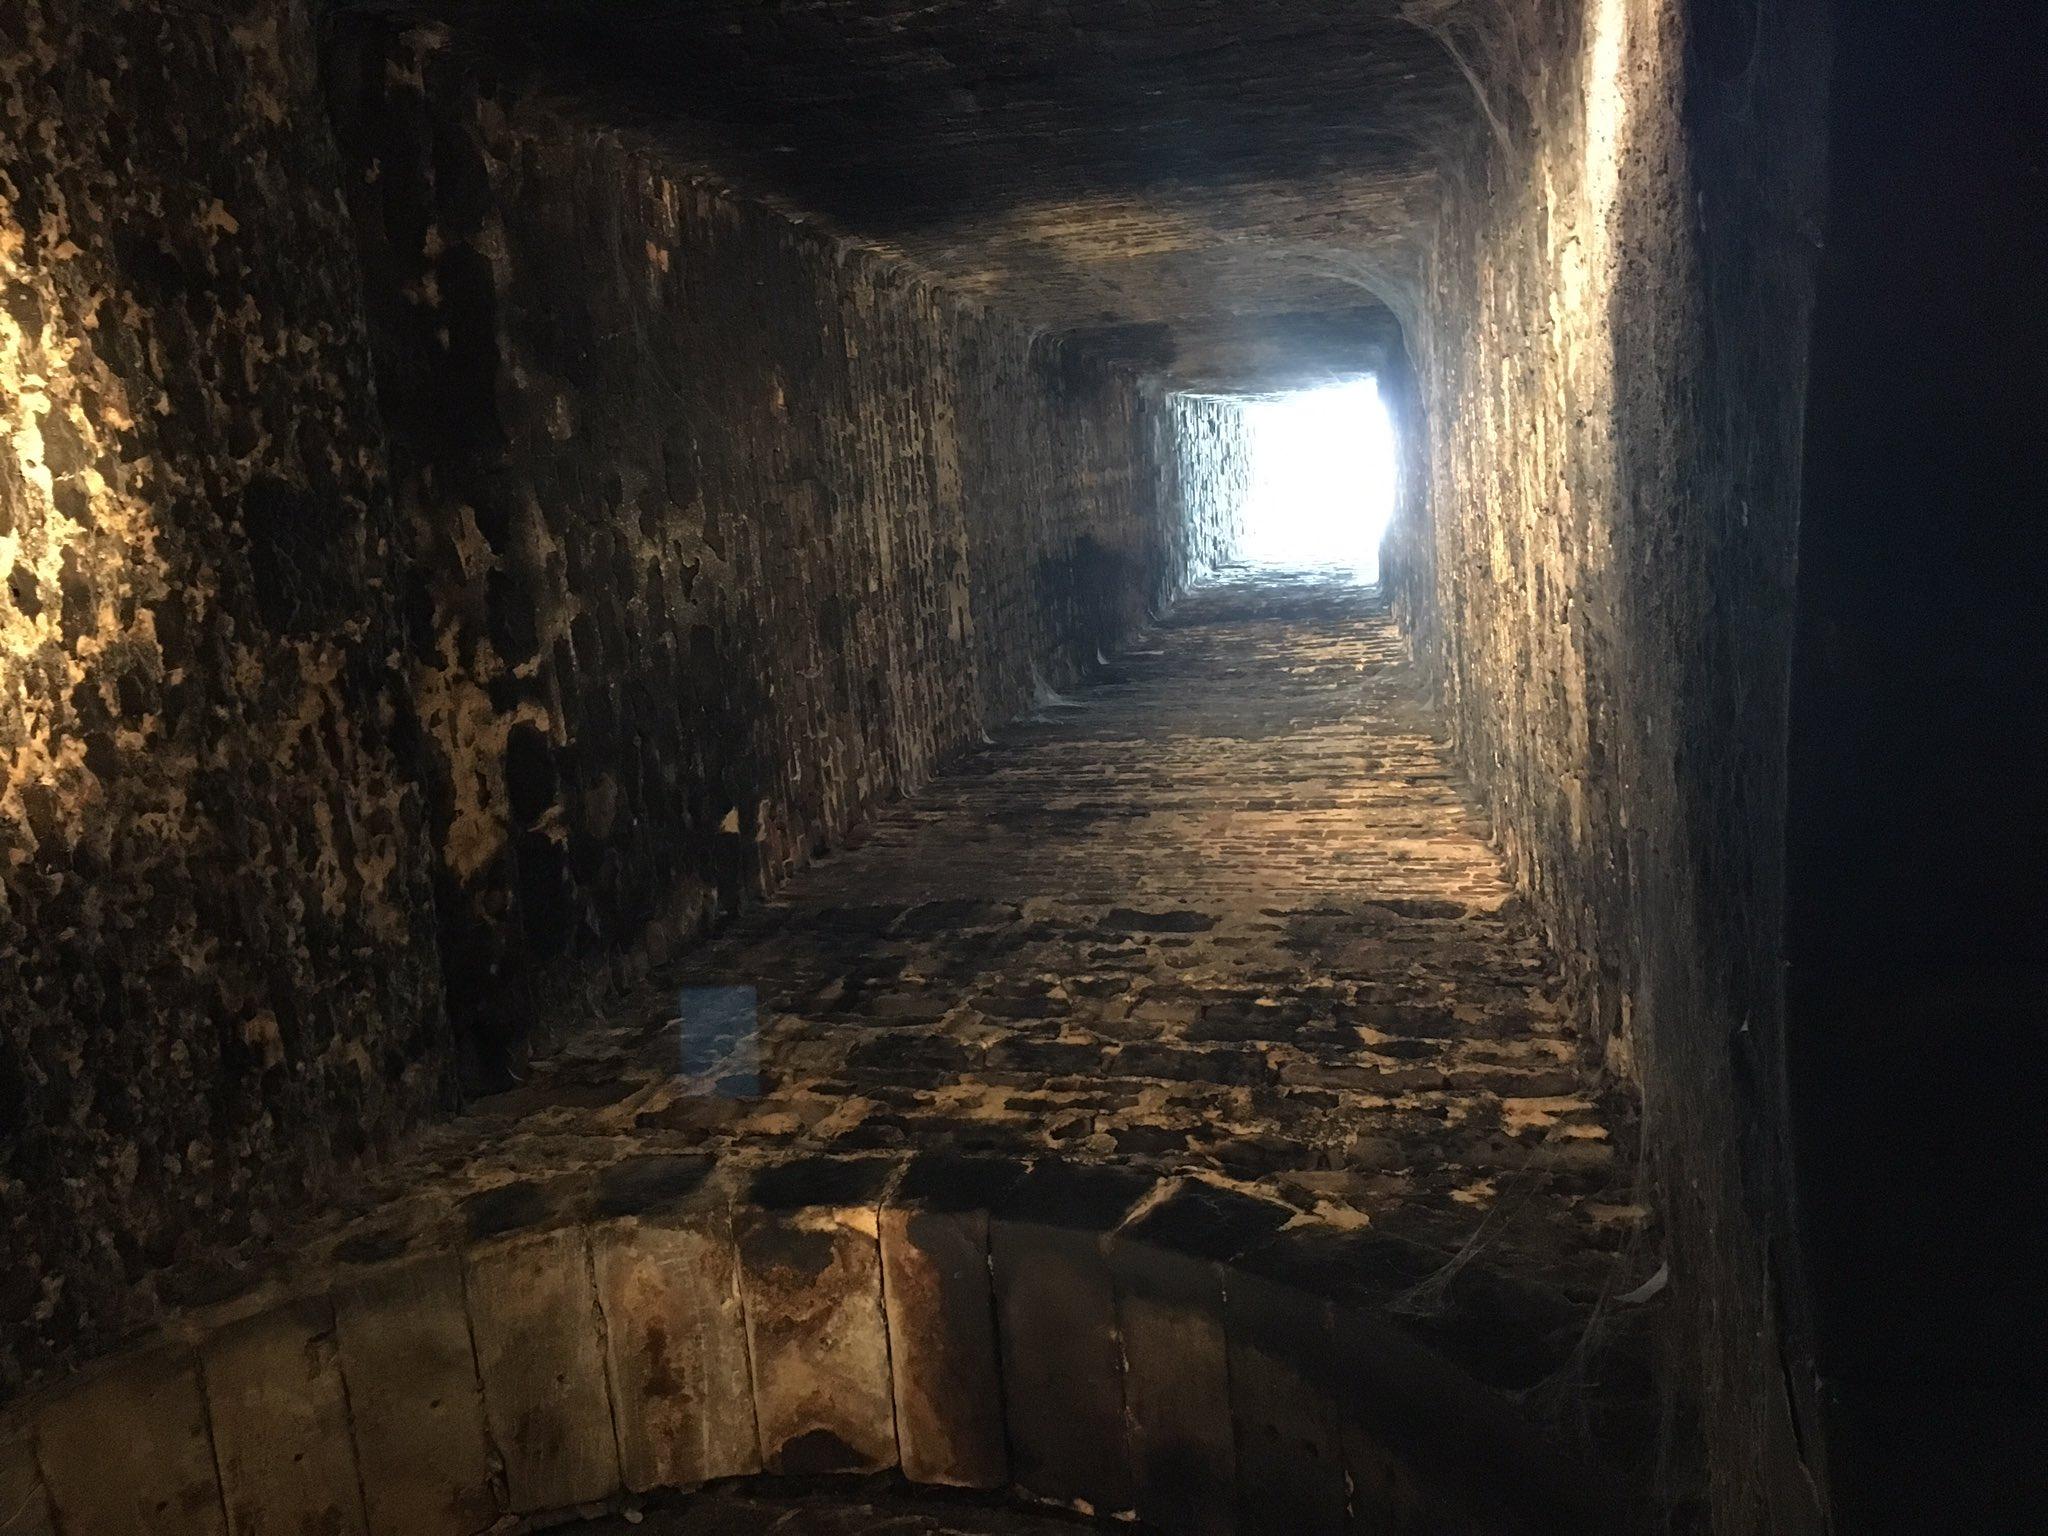 Blick in den Ochsenschlot - 10 Meter hoch. #emptyMuseum #HohenzollernWalk #cadolzburg #erlebnismuseum https://t.co/irbF6rIFX5